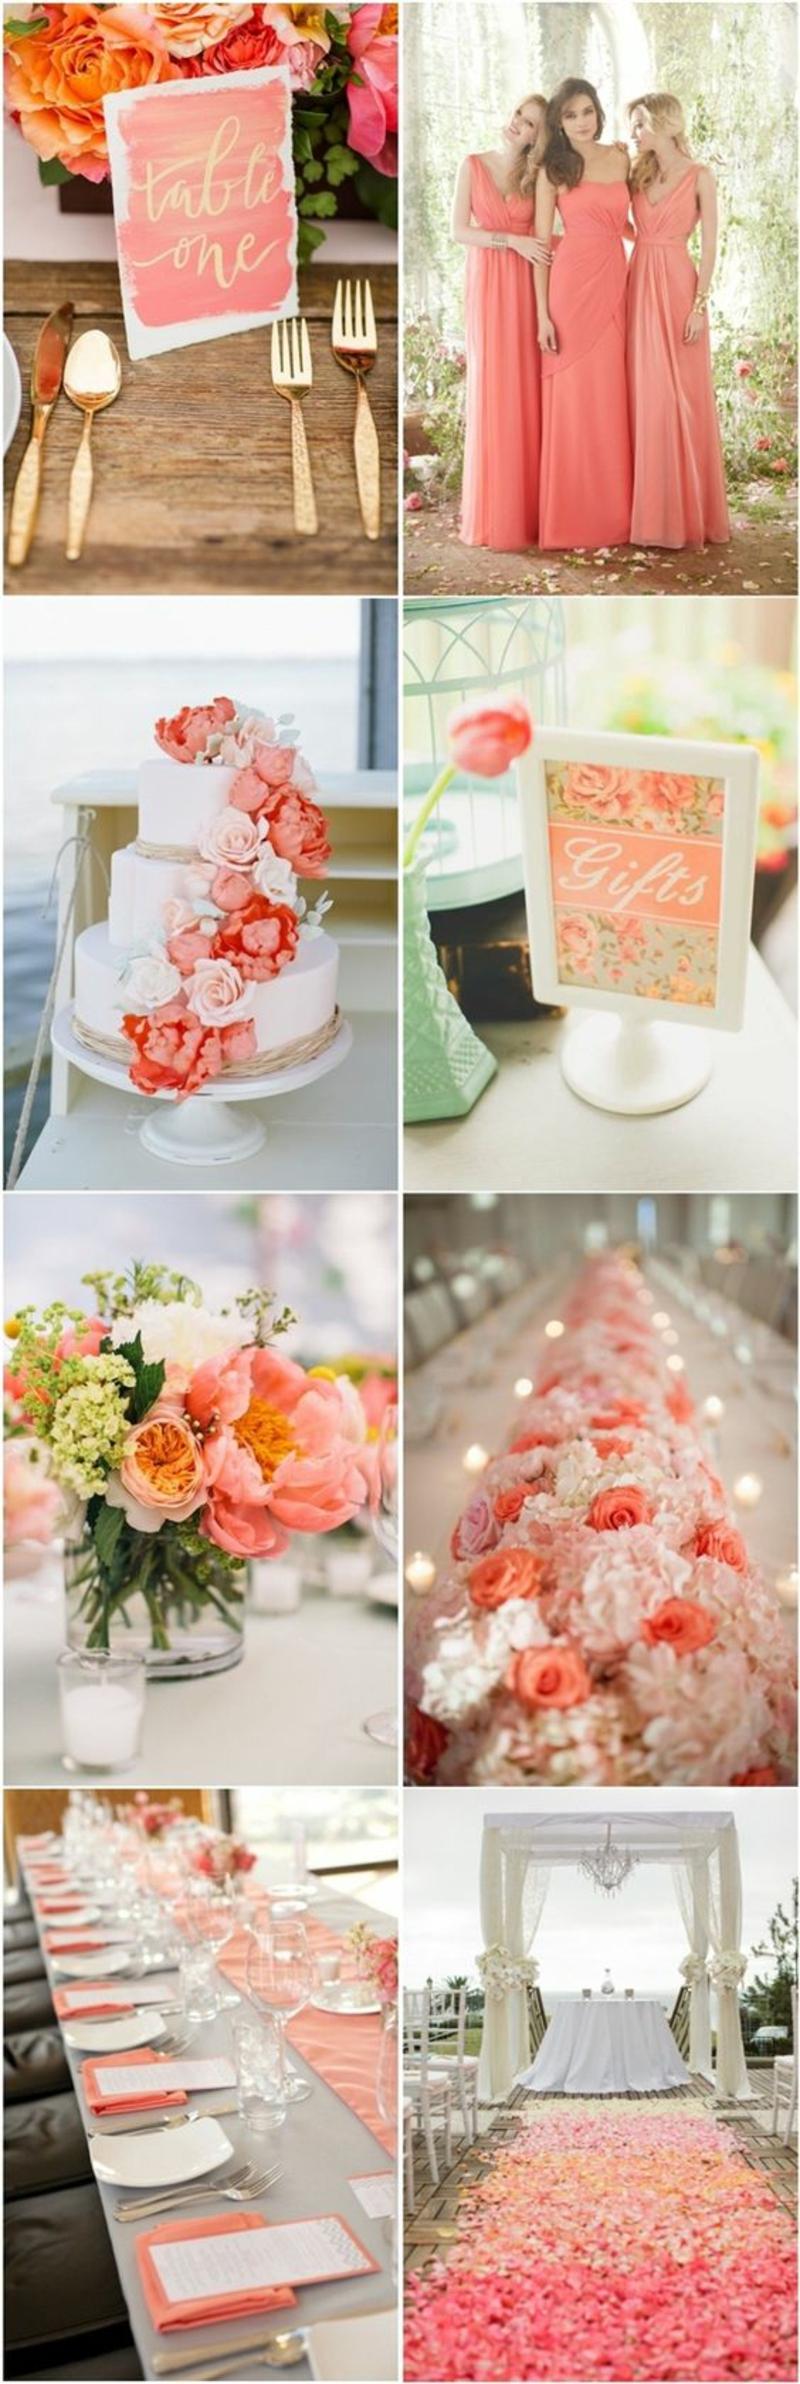 Hochzeit planen interessante Fakten Numerologie Fochzeit organisieren